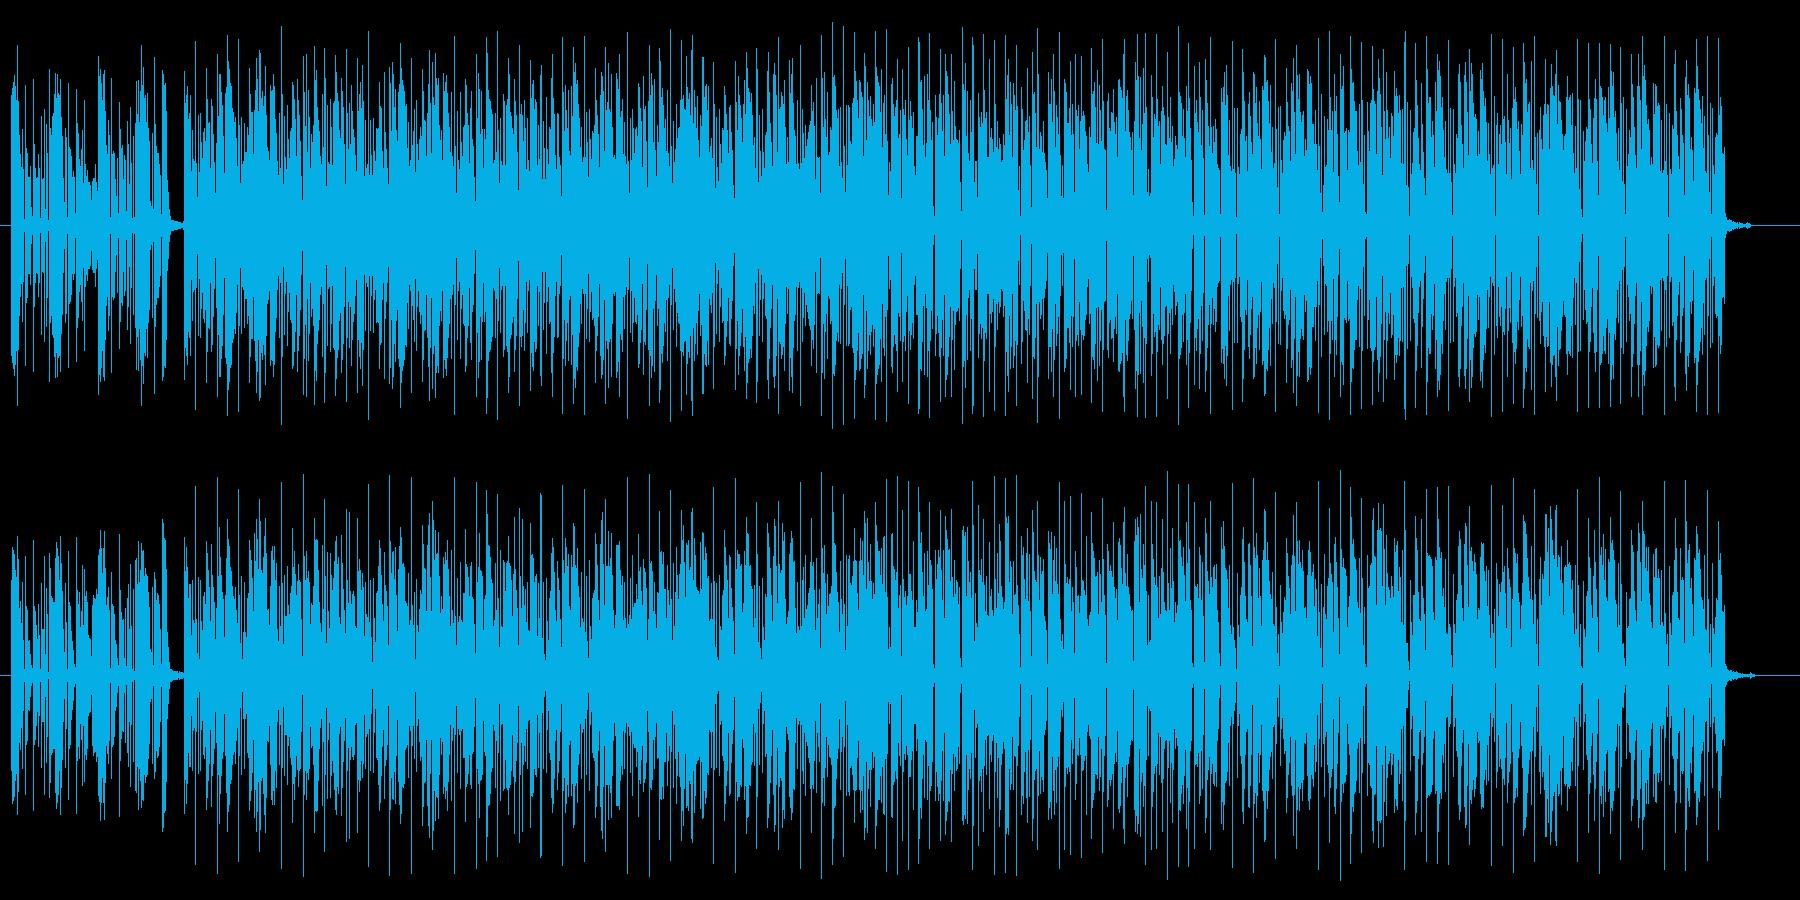 雰囲気あるギターのロックの曲の再生済みの波形